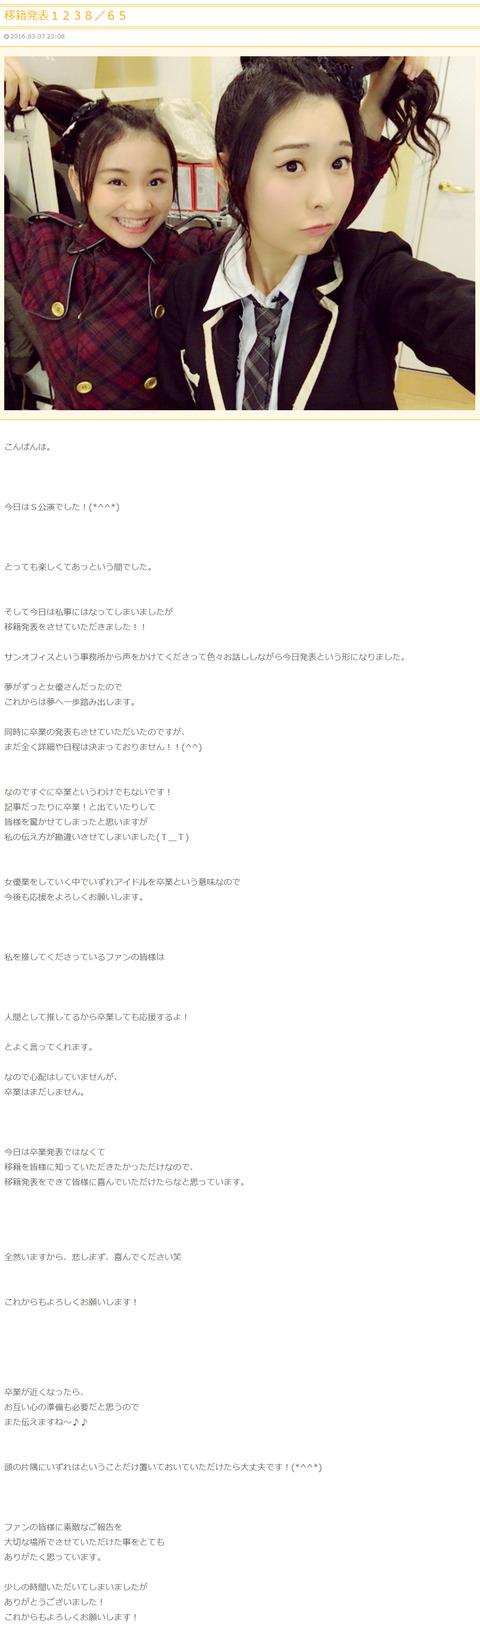 【SKE48】卒業発表をした宮前杏実「卒業はまだしません。事務所移籍を皆様に知っていただきたかった。」←どういう事だよ